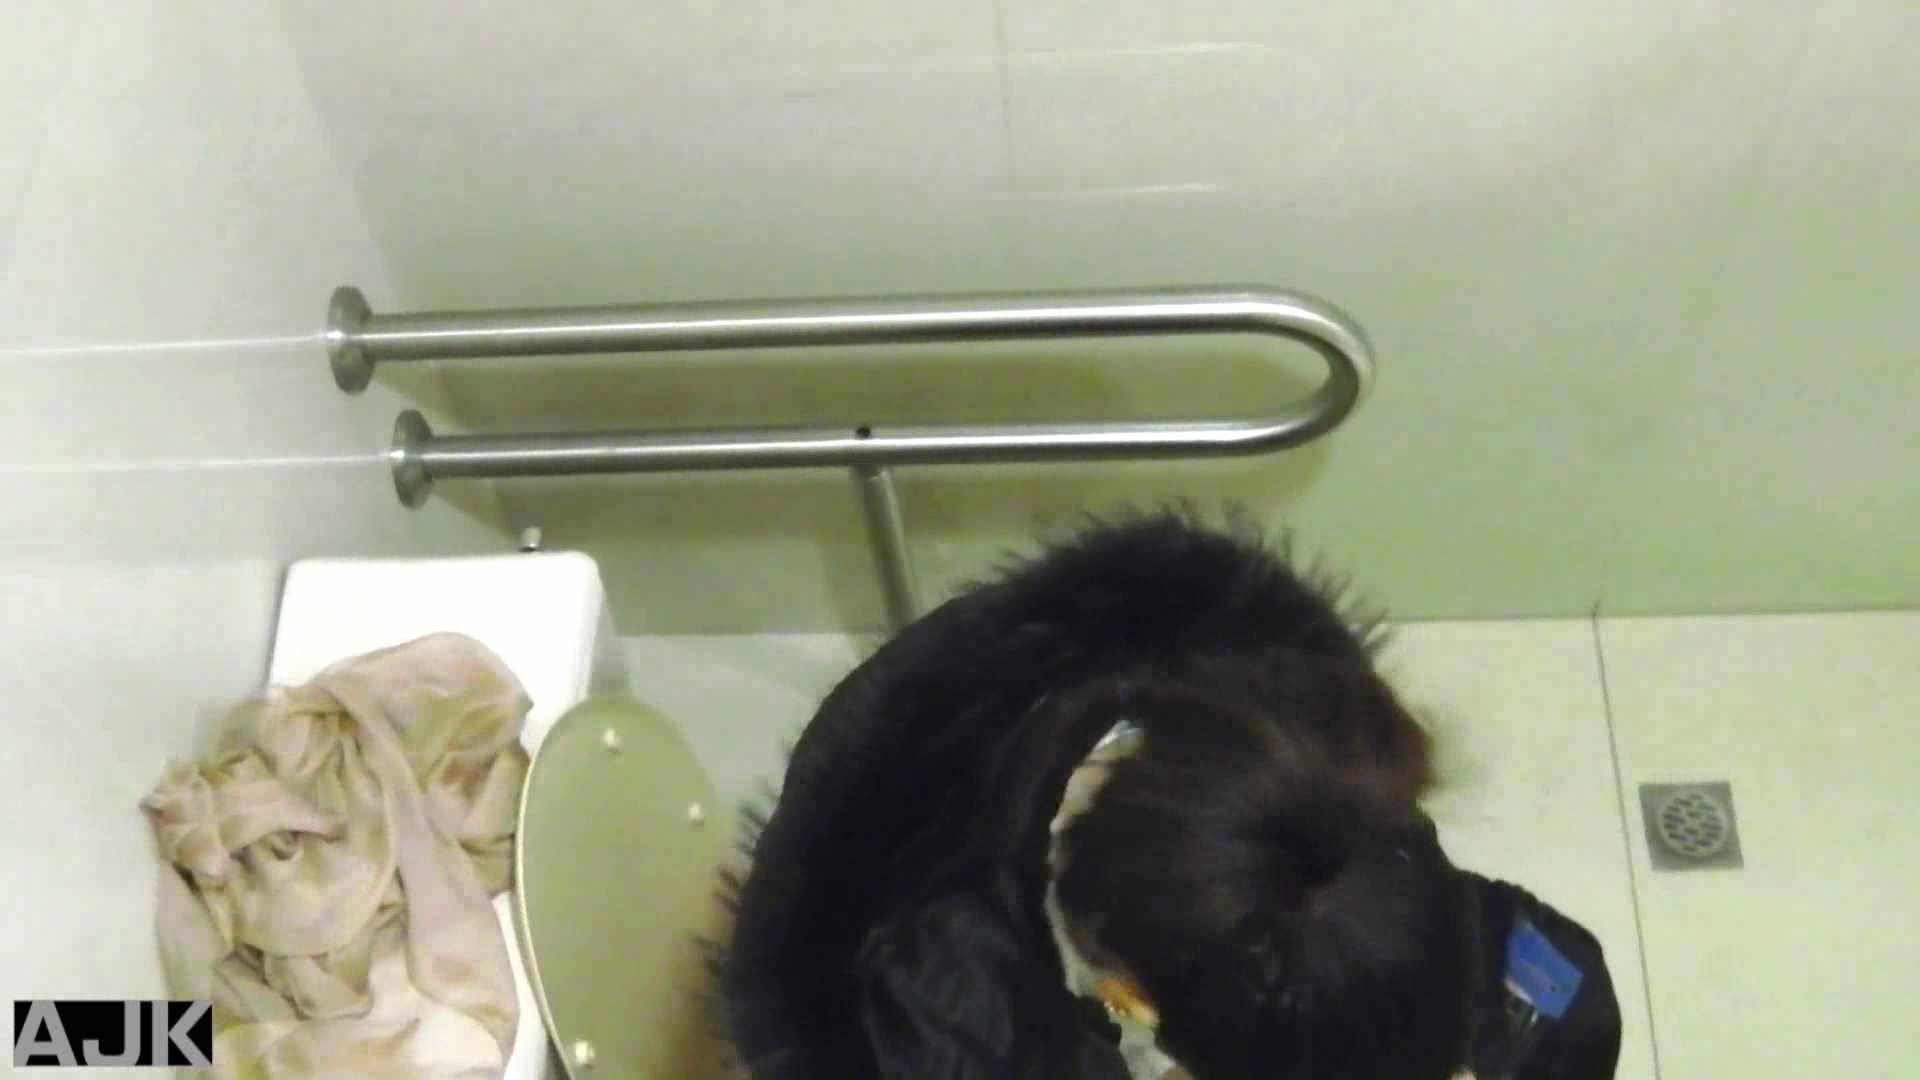 隣国上階級エリアの令嬢たちが集うデパートお手洗い Vol.19 おまんこ エロ画像 36画像 21